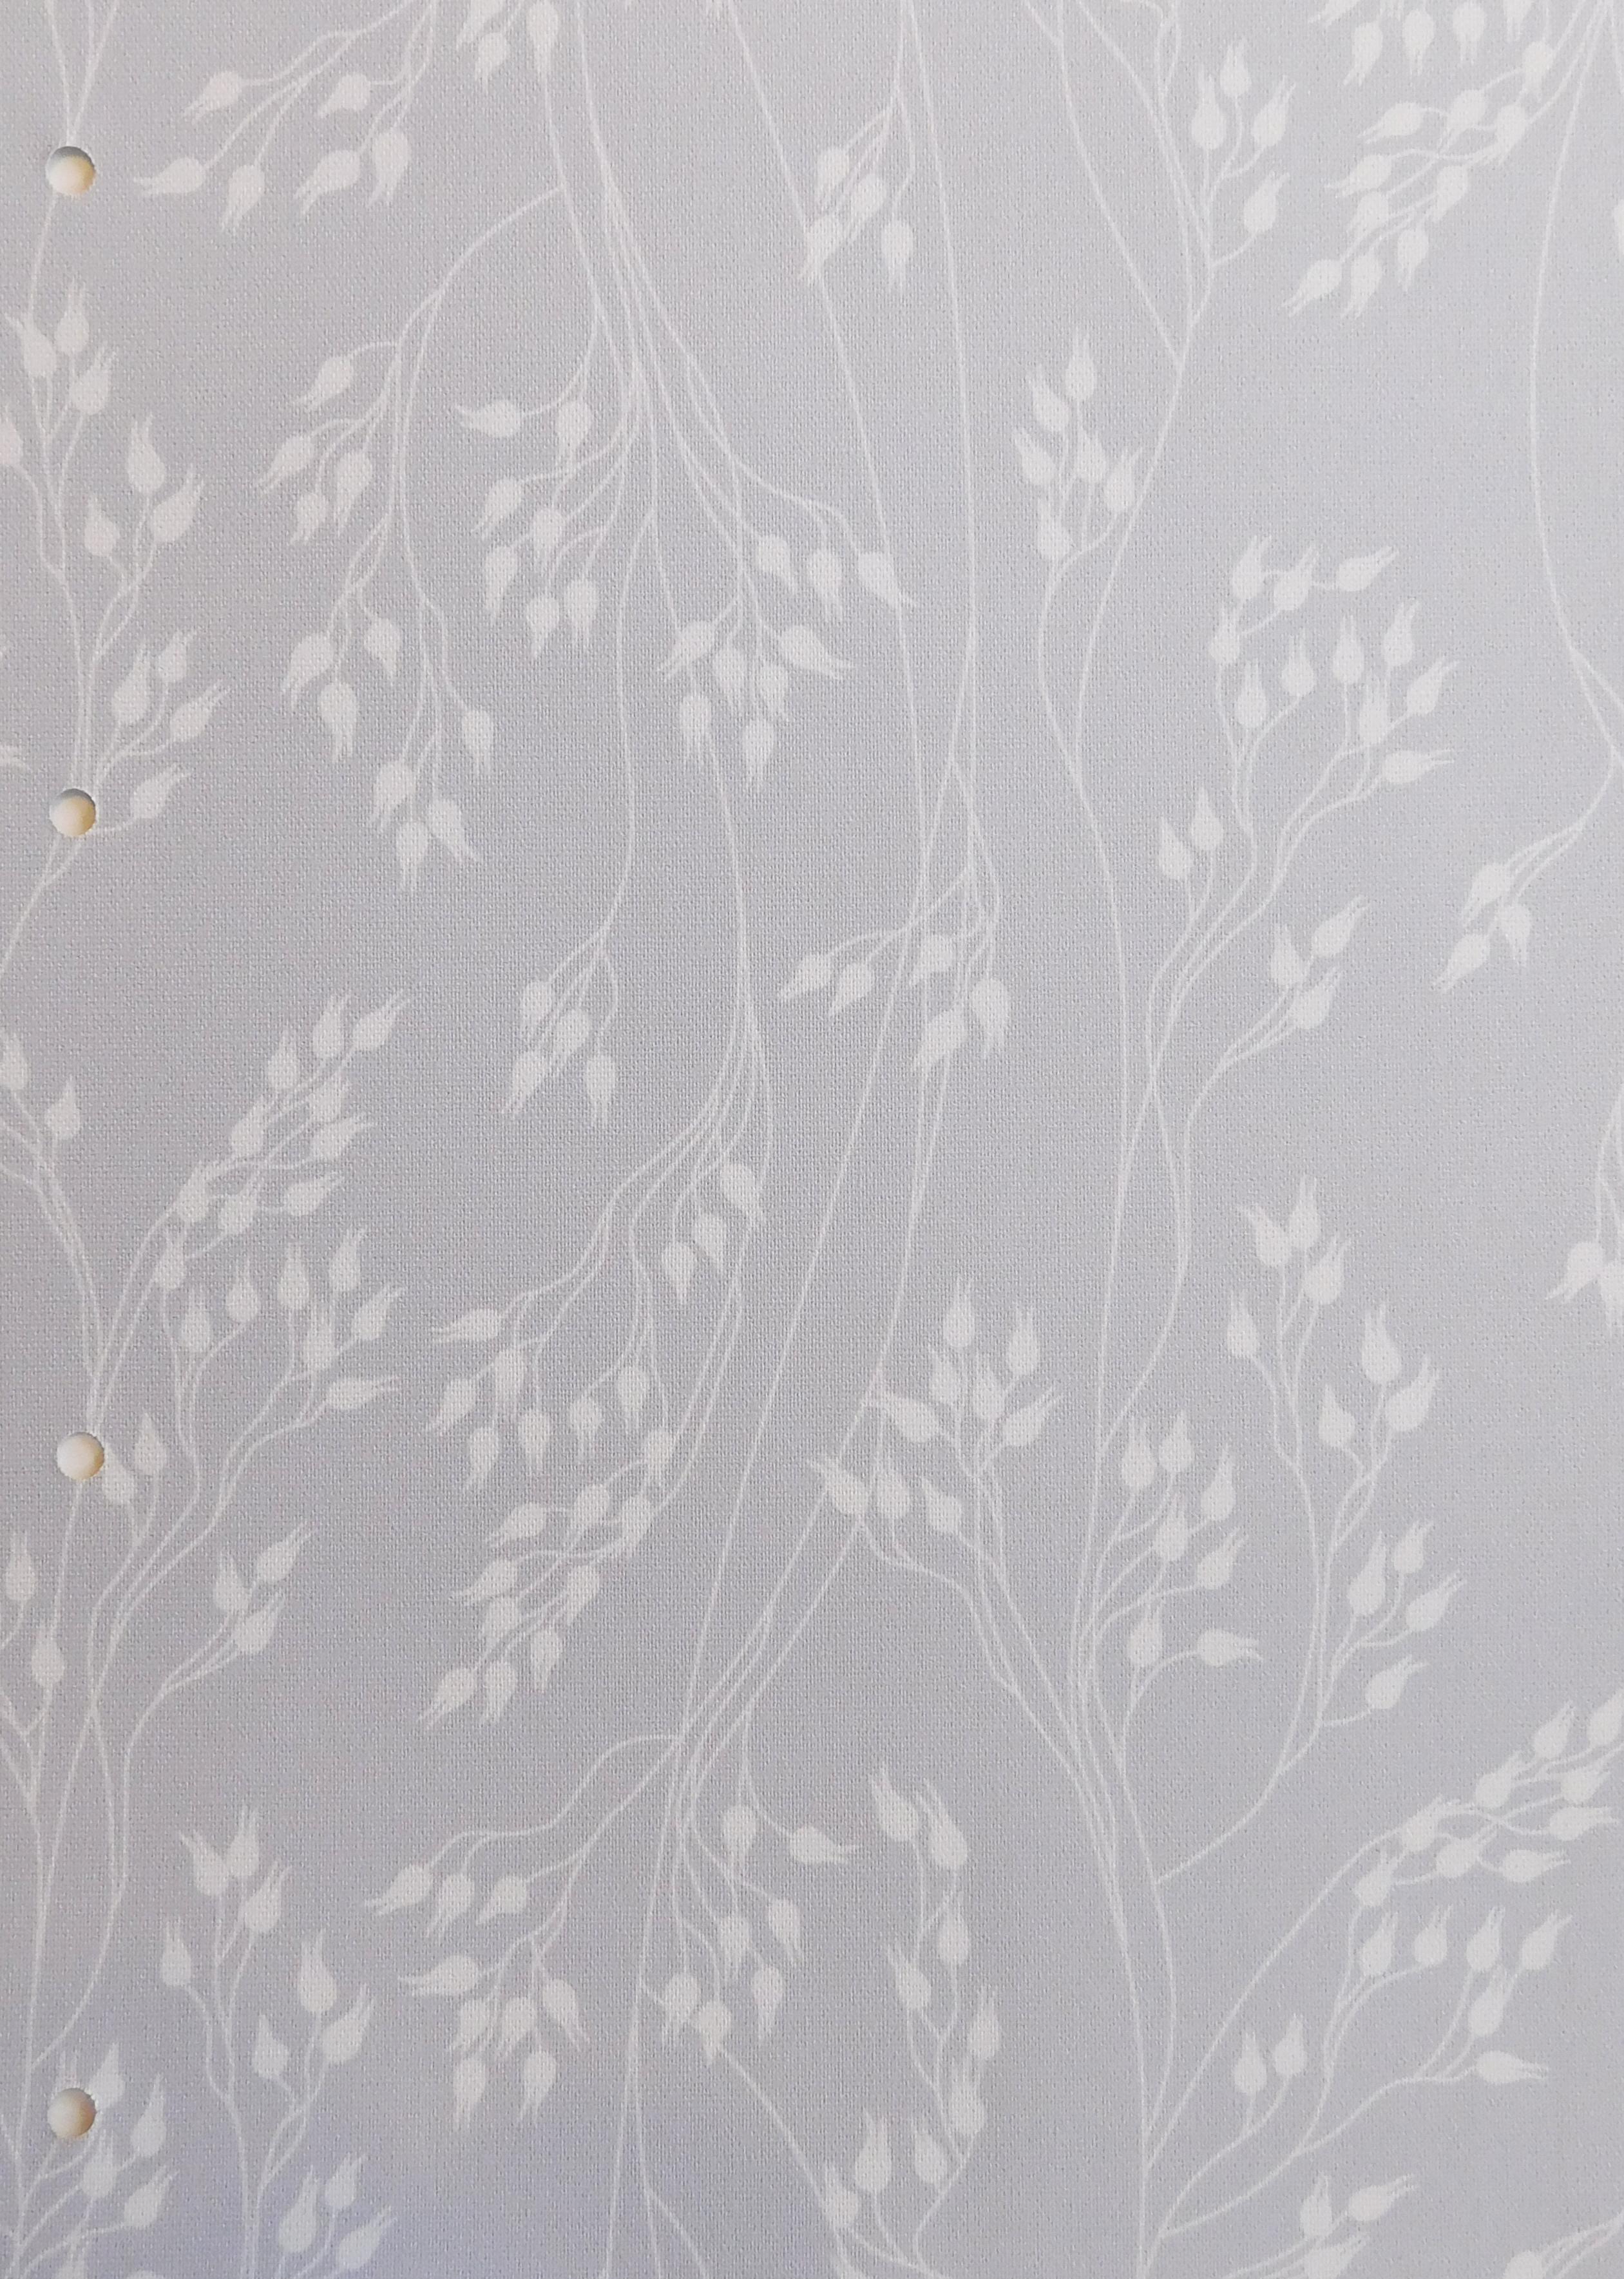 Barley Fields Grey blind fabric